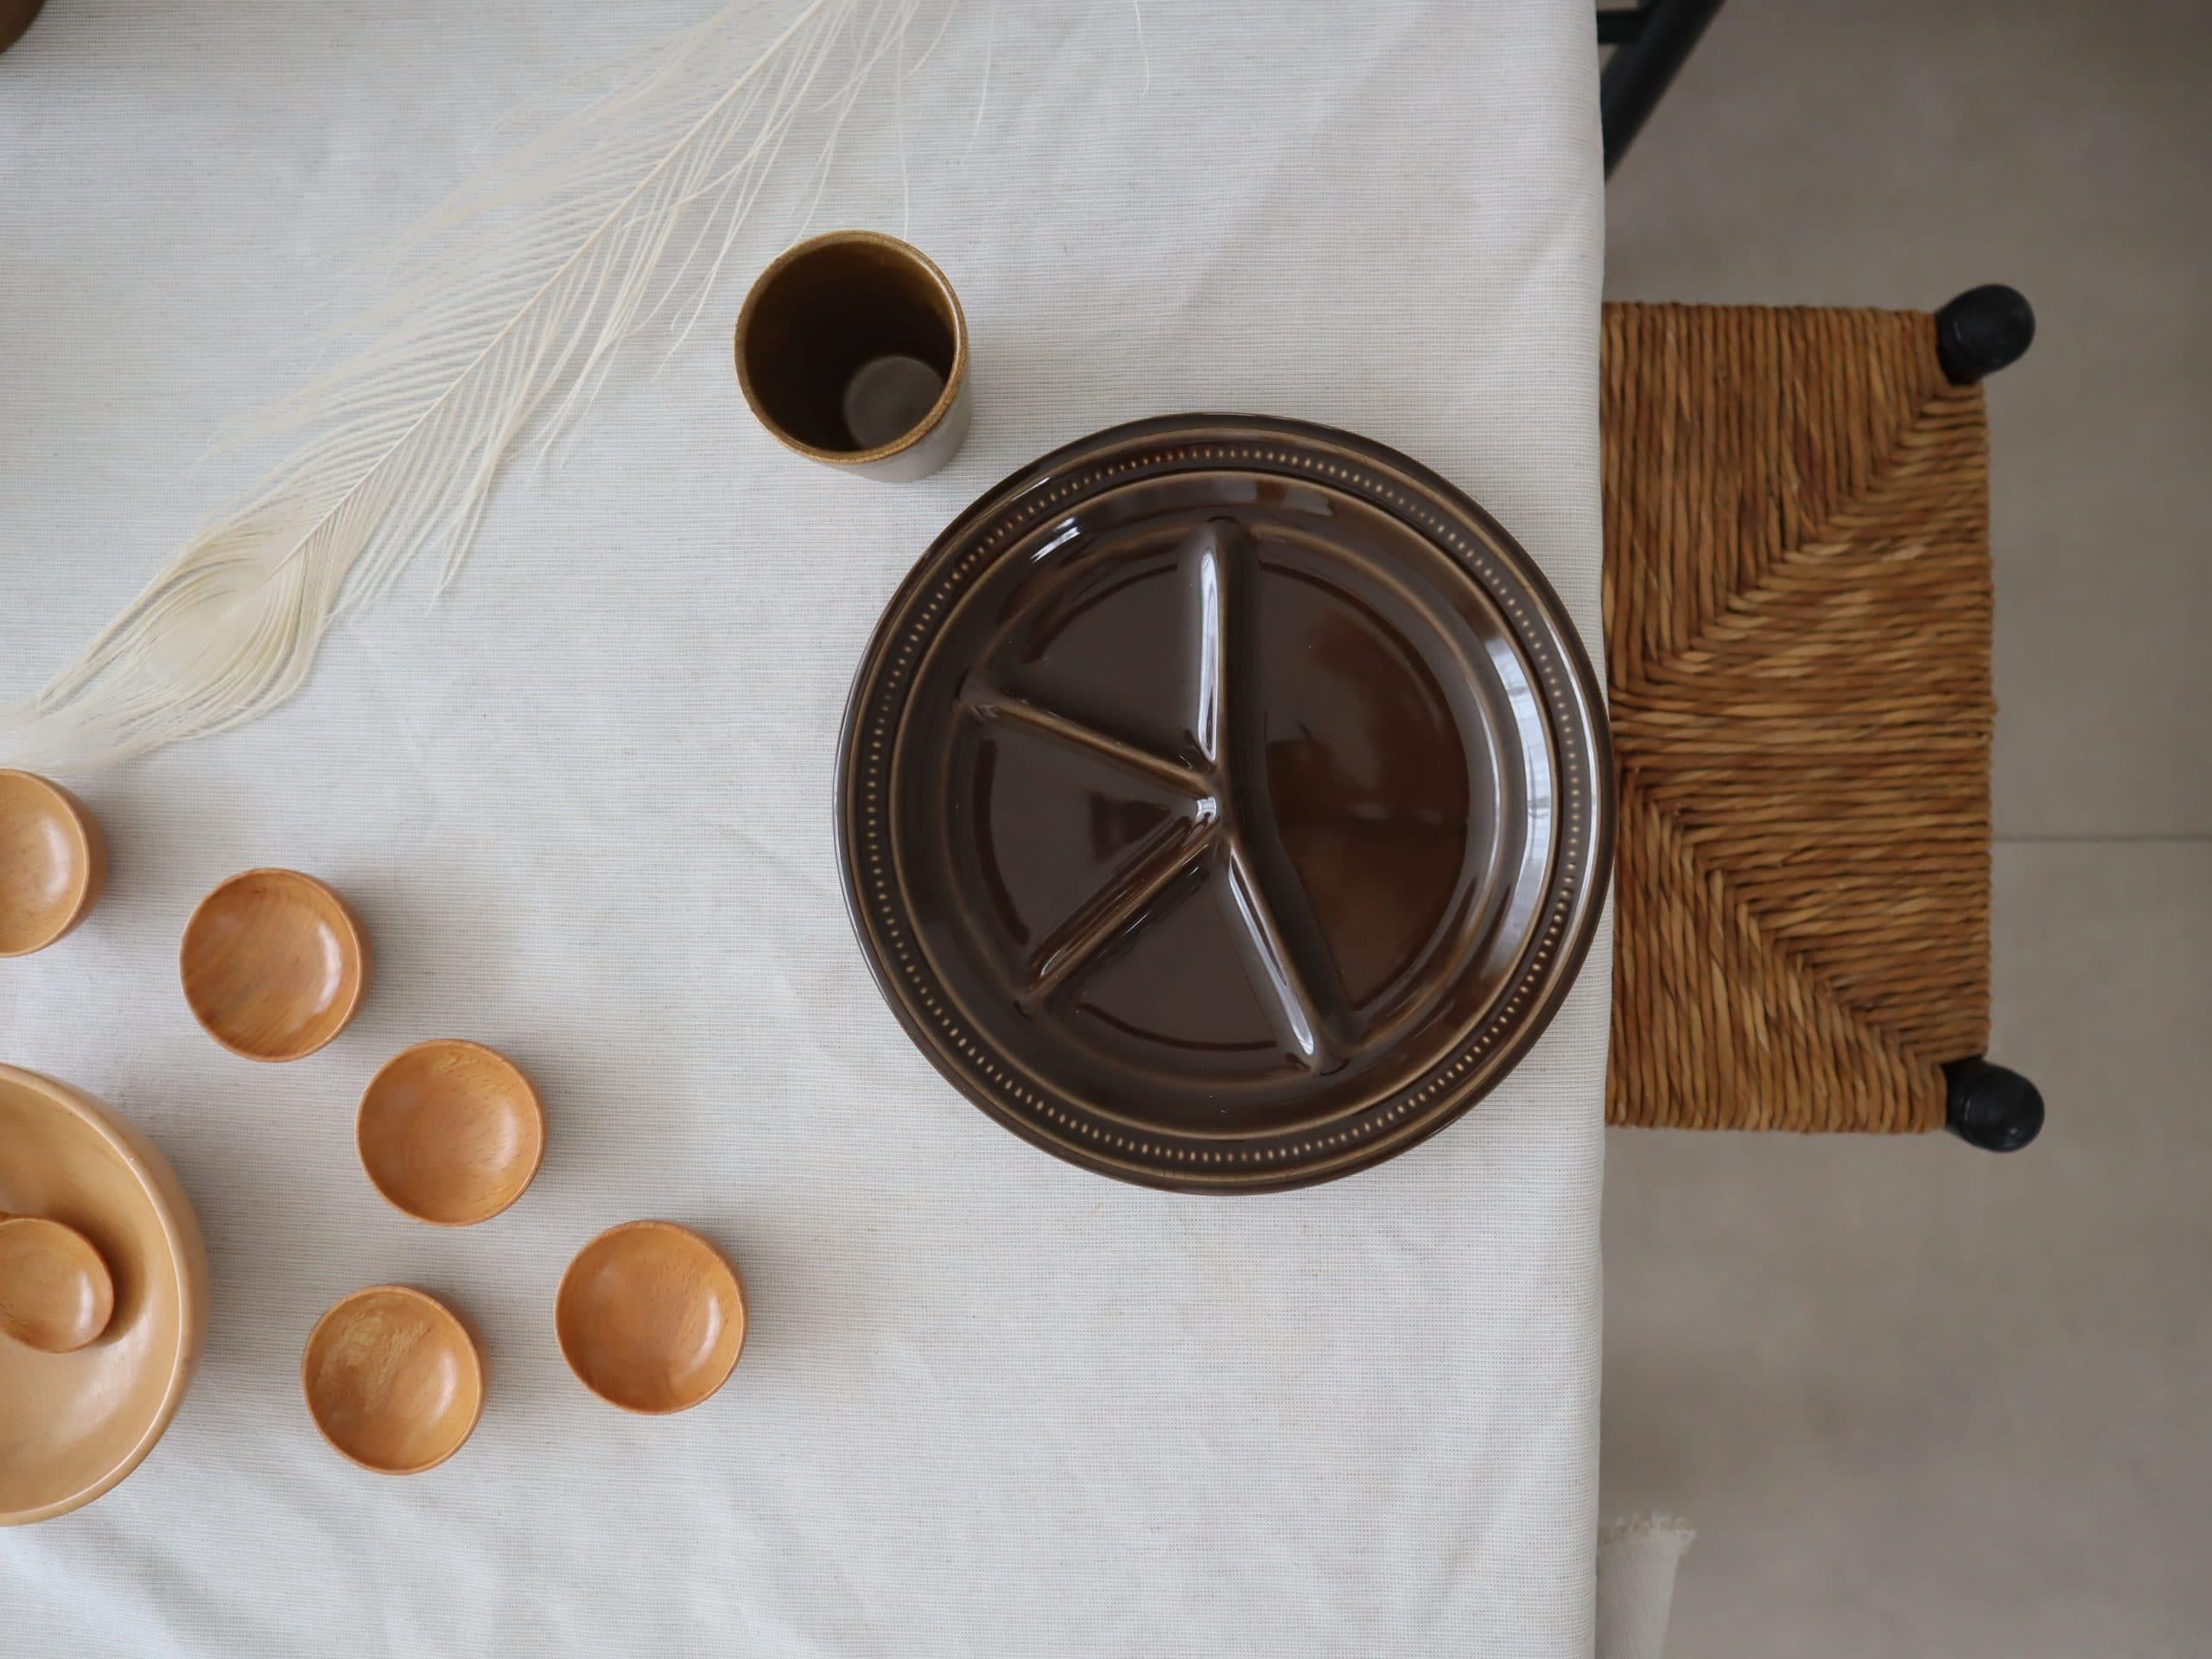 Tafelservies vintage, maar op een moderne manier gestyles